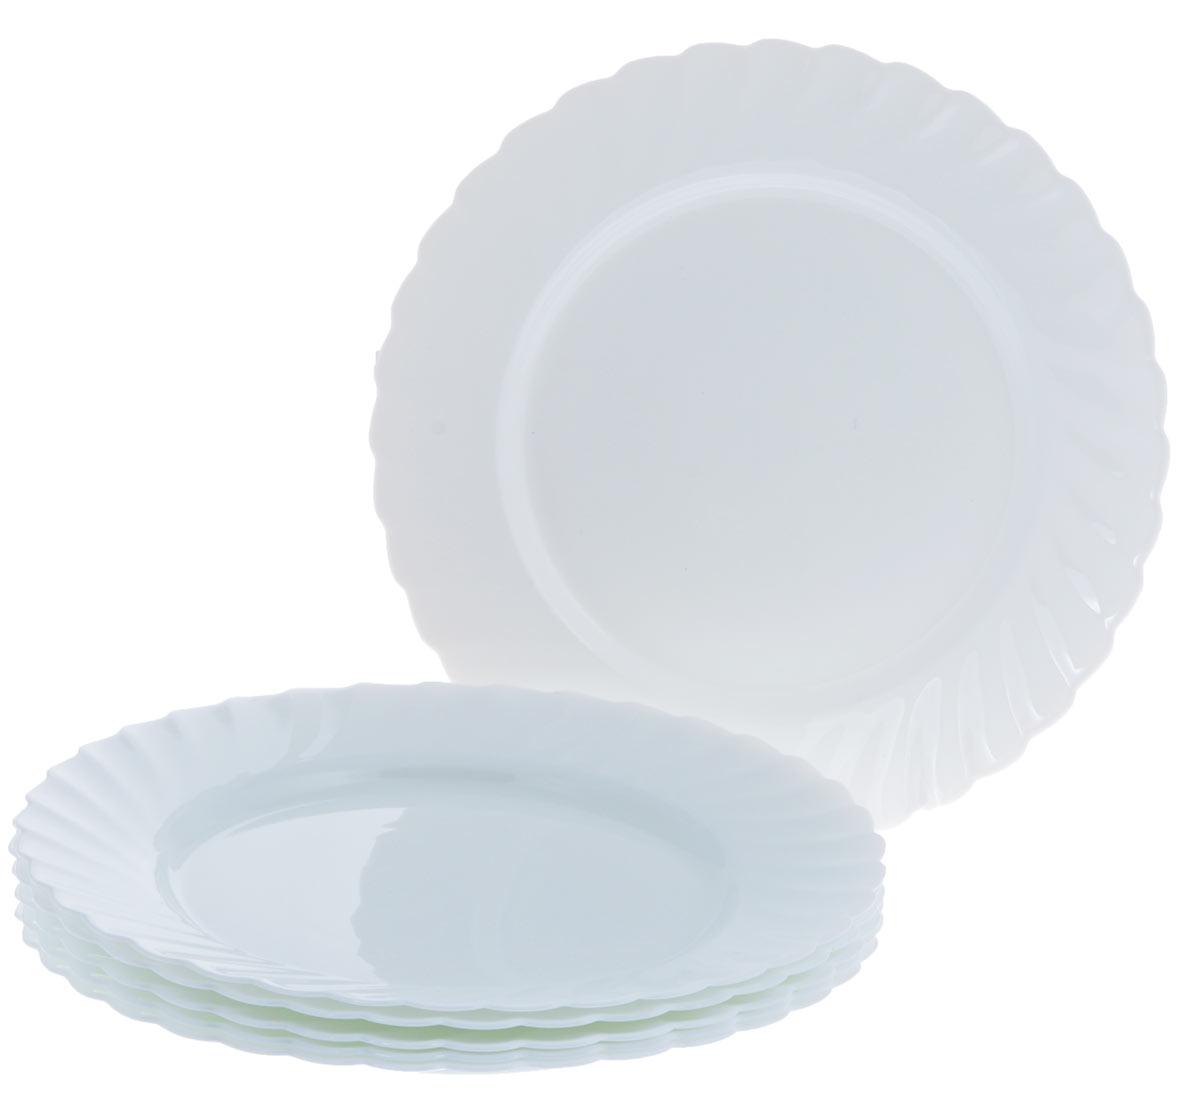 Набор обеденных тарелок Luminarc Trianon, диаметр 27 смD8818Набор Luminarc Trianon состоит из шести обеденных тарелок, выполненных из ударопрочного стекла. Изделия имеют классический дизайн и форму. Посуда отличается прочностью, гигиеничностью и долгим сроком службы, она устойчива к появлению царапин и резким перепадам температур. Такой набор прекрасно подойдет как для повседневного использования, так и для праздников или особенных случаев. Набор обеденных тарелок Luminarc - это не только яркий и полезный подарок для родных и близких, это также великолепное дизайнерское решение для вашей кухни или столовой. Изделия можно мыть в посудомоечной машине и использовать в СВЧ-печи. Диаметр тарелки: 27 см.